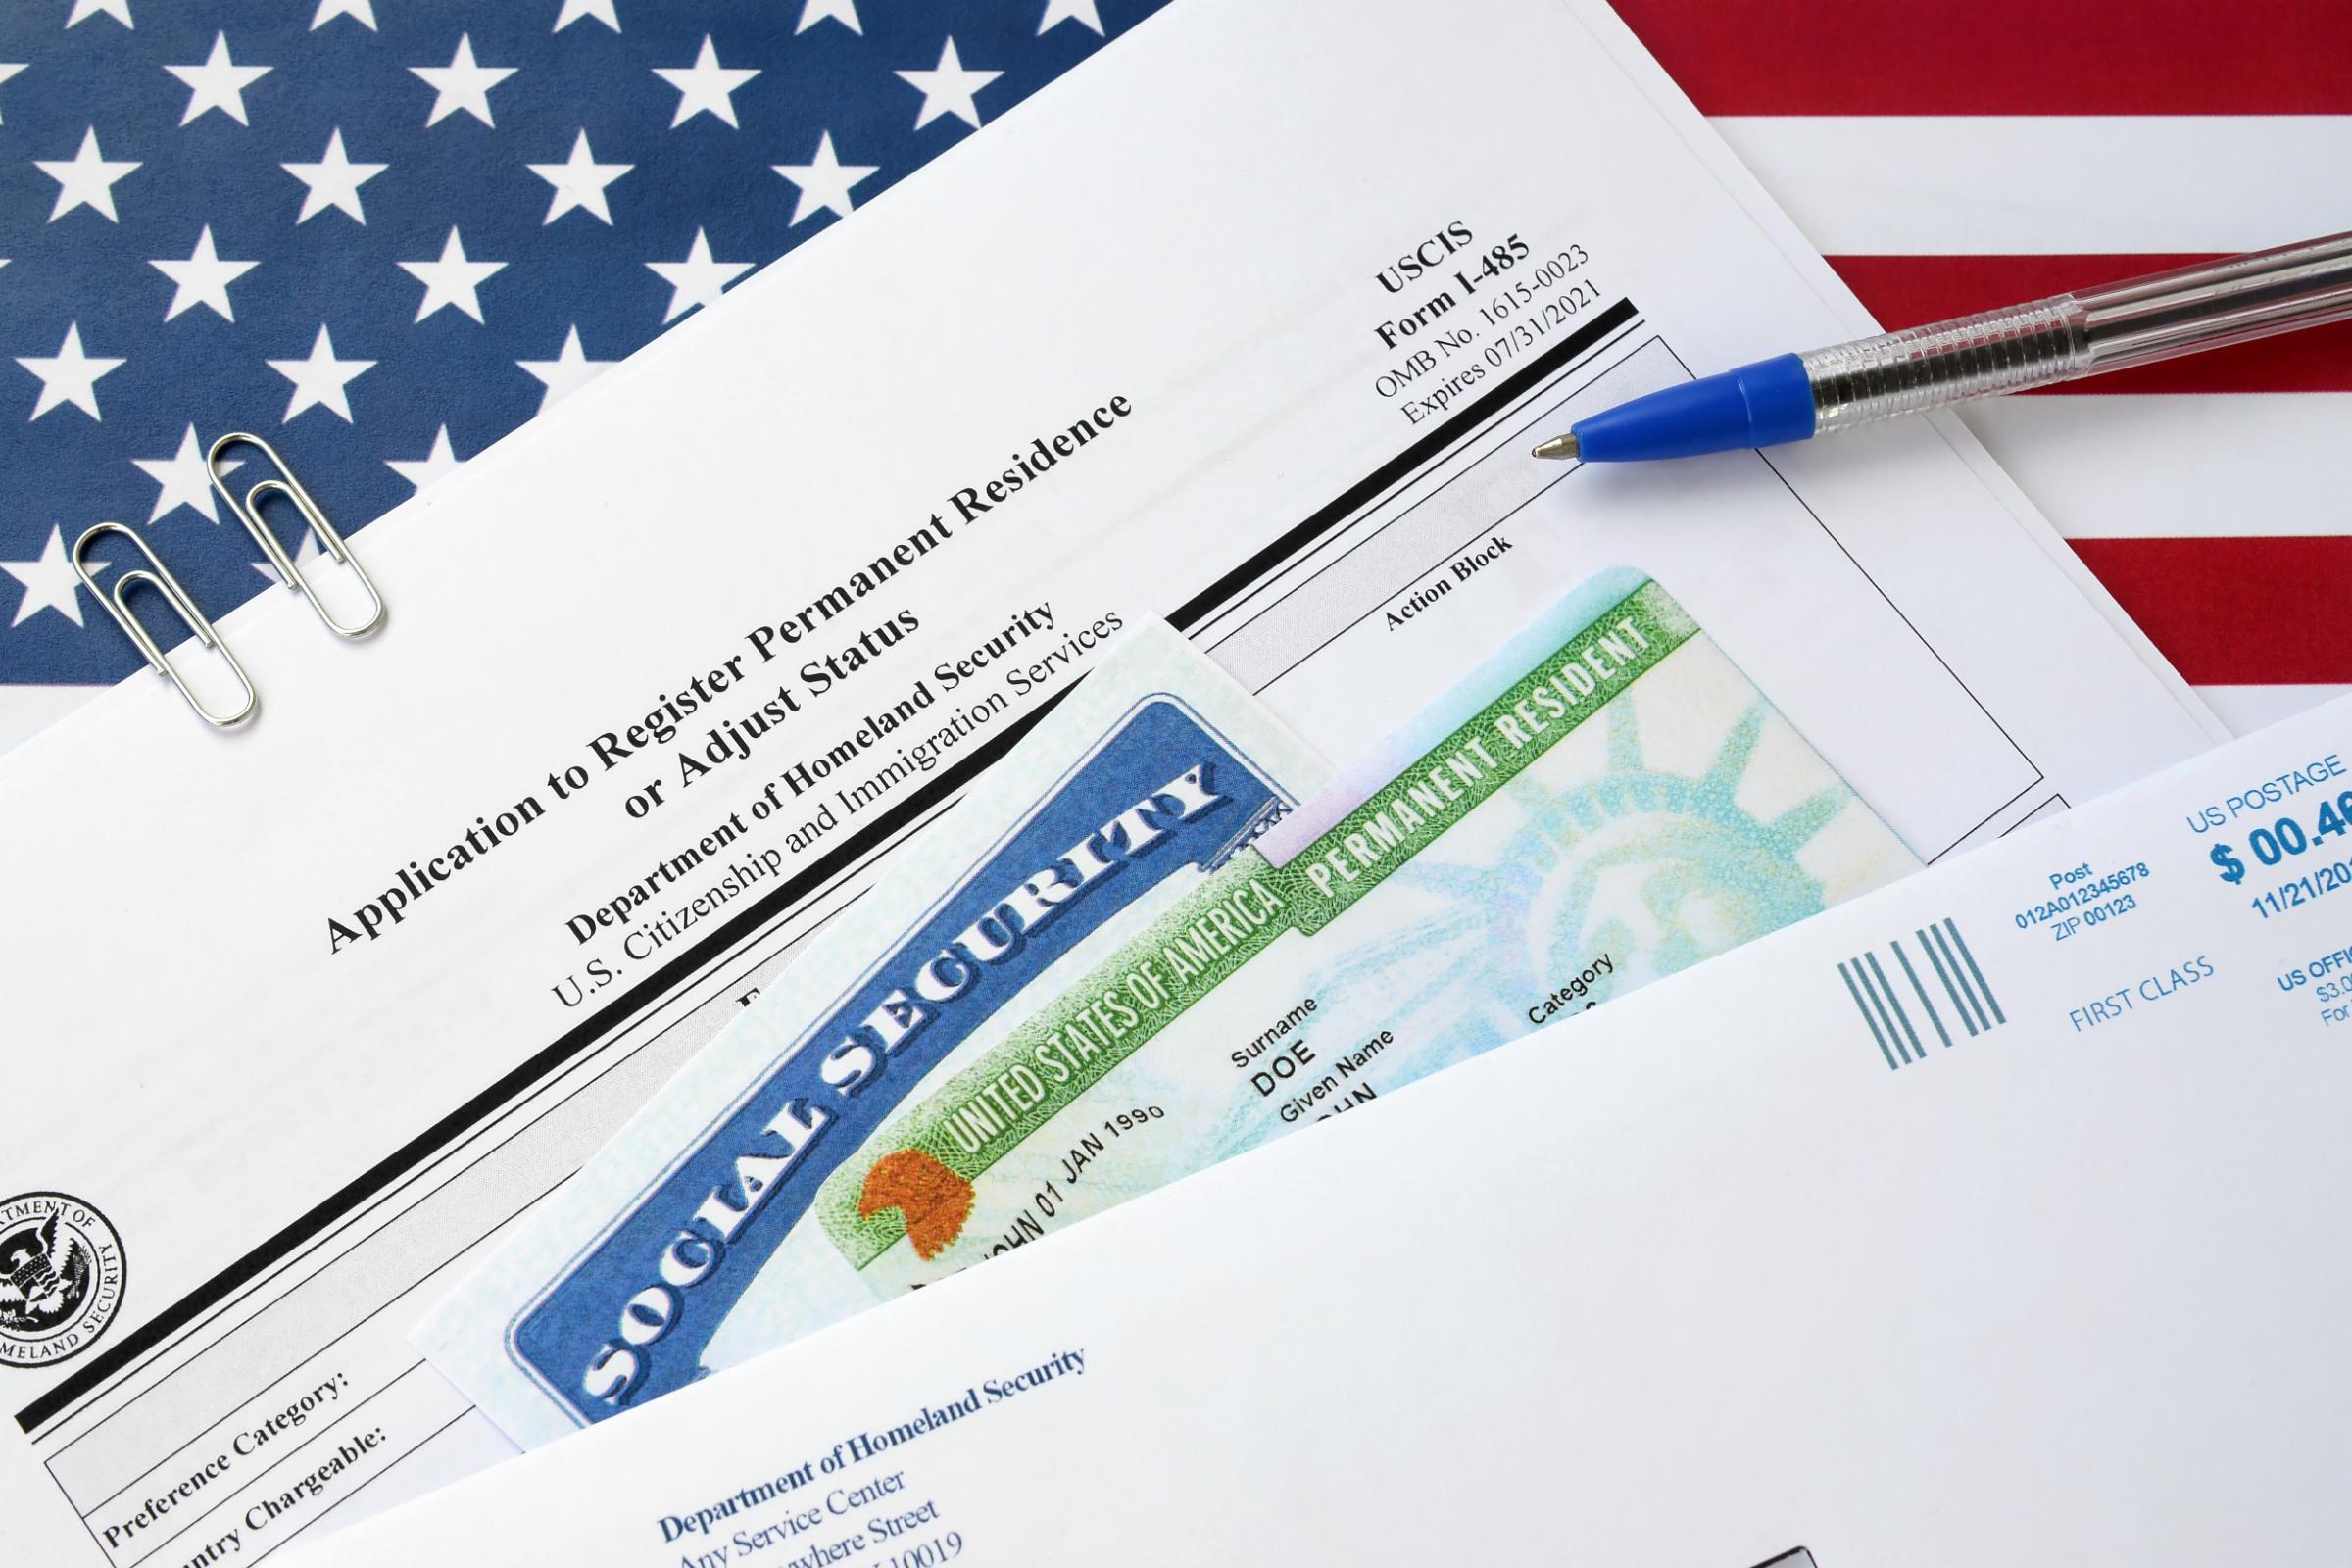 O que significa o Receipt Number do USCIS no processo de imigração?